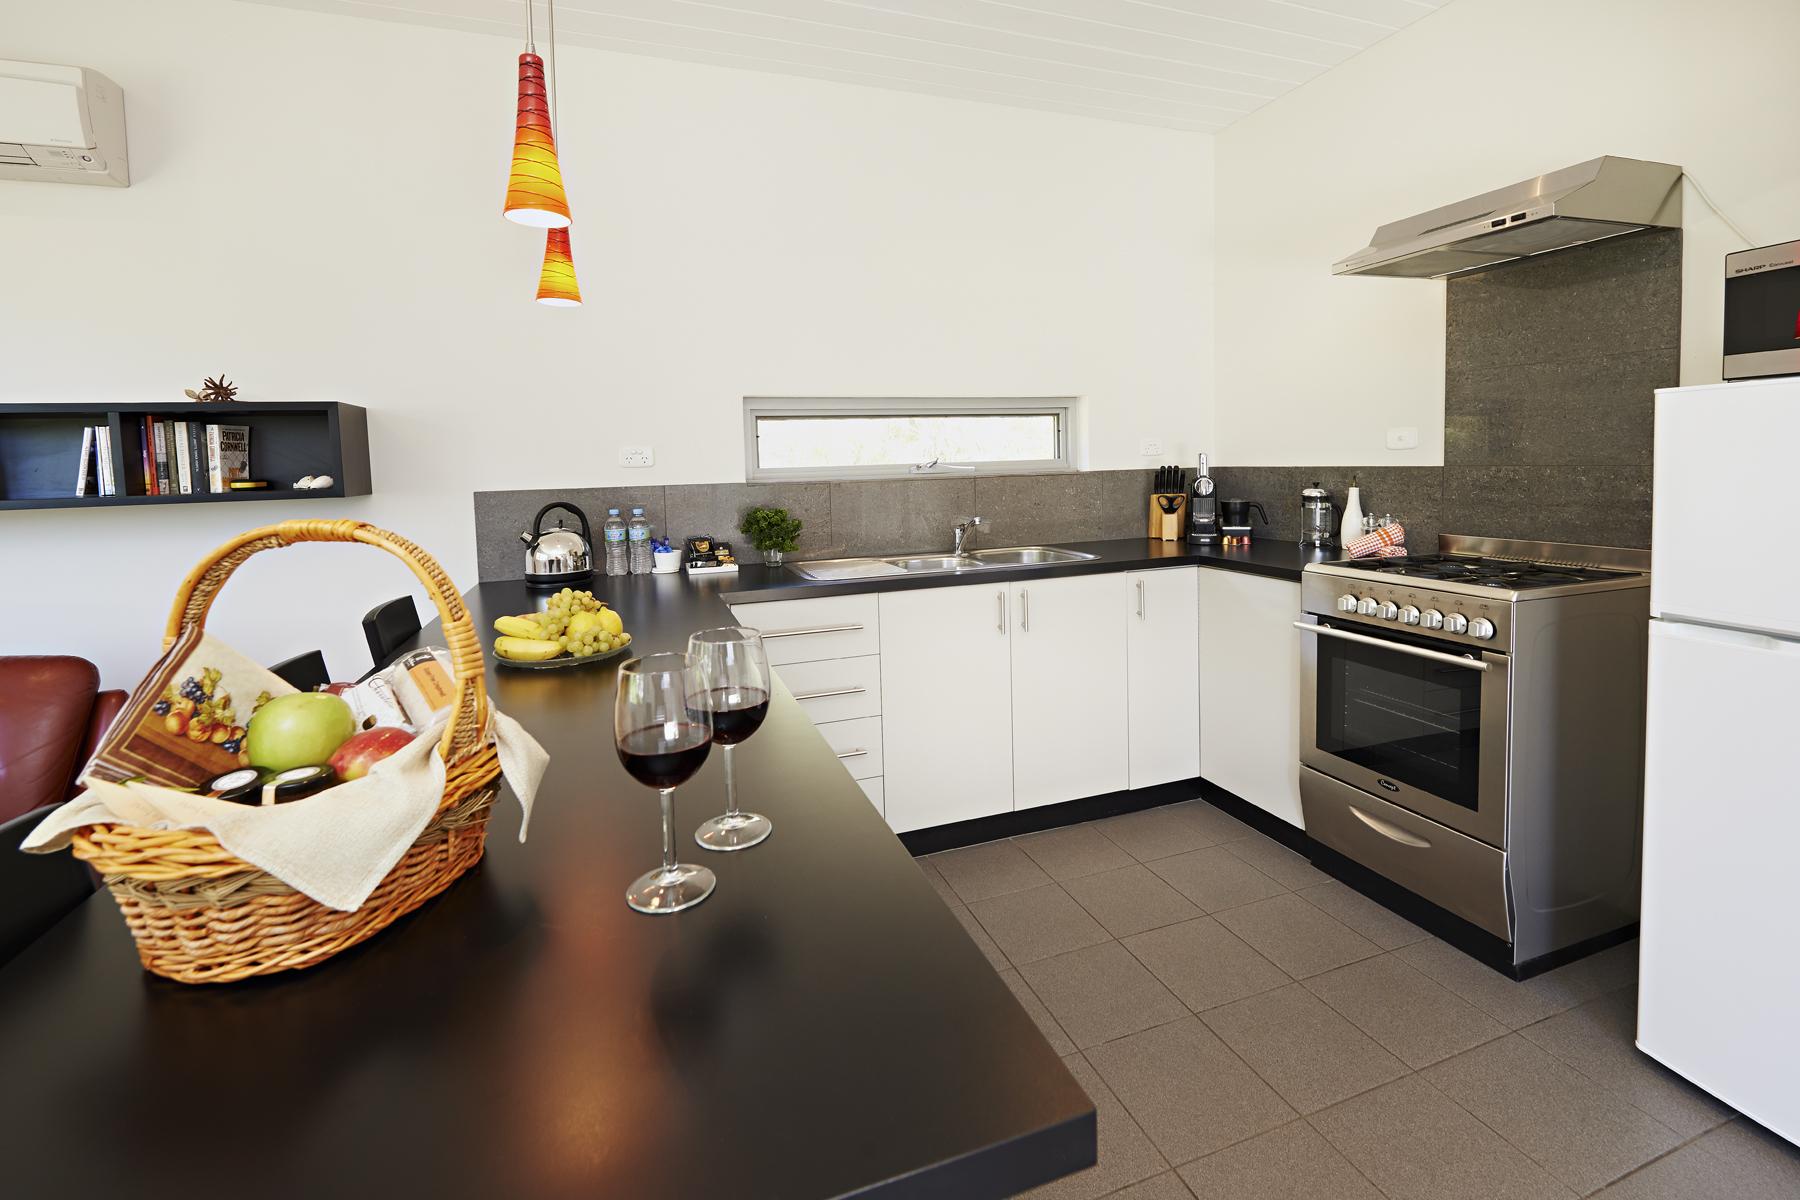 0058 - Hanover Bay Apartments - 05122013.jpg